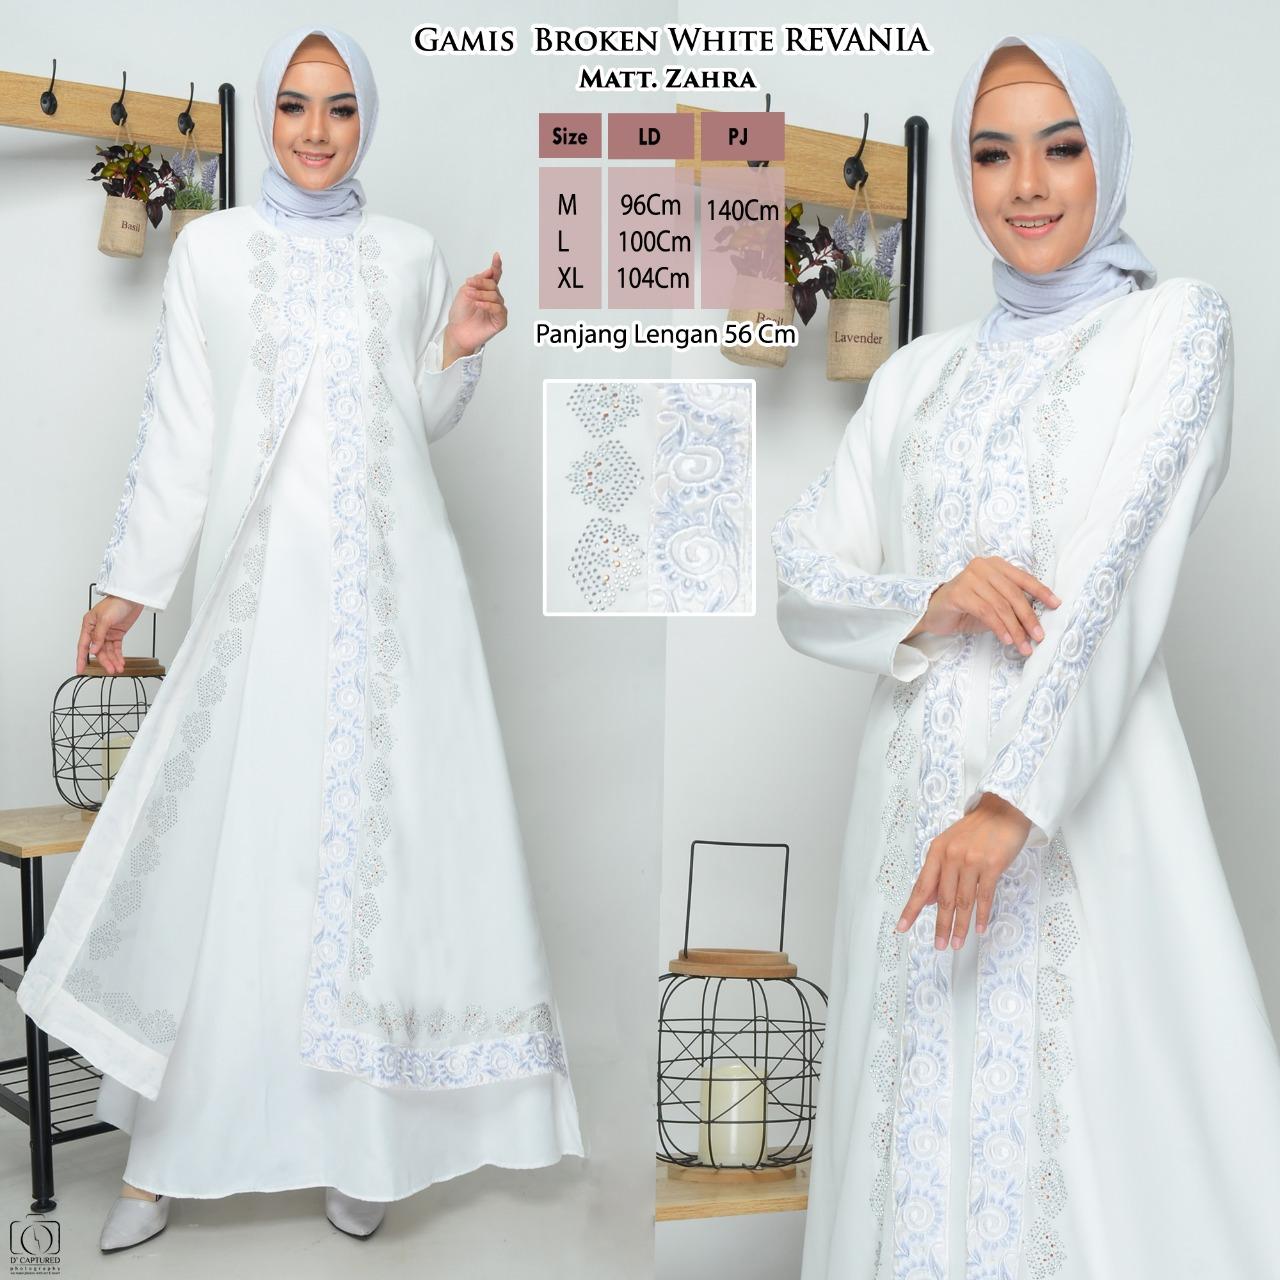 Gamis Revania Putih / Gamis Pengantin Akad Nikah / Gamis Wanita Remaja  Dewasa Warna Putih / Gamis Modern Putih / Gamis Syari Terbaru / Busana  Muslim